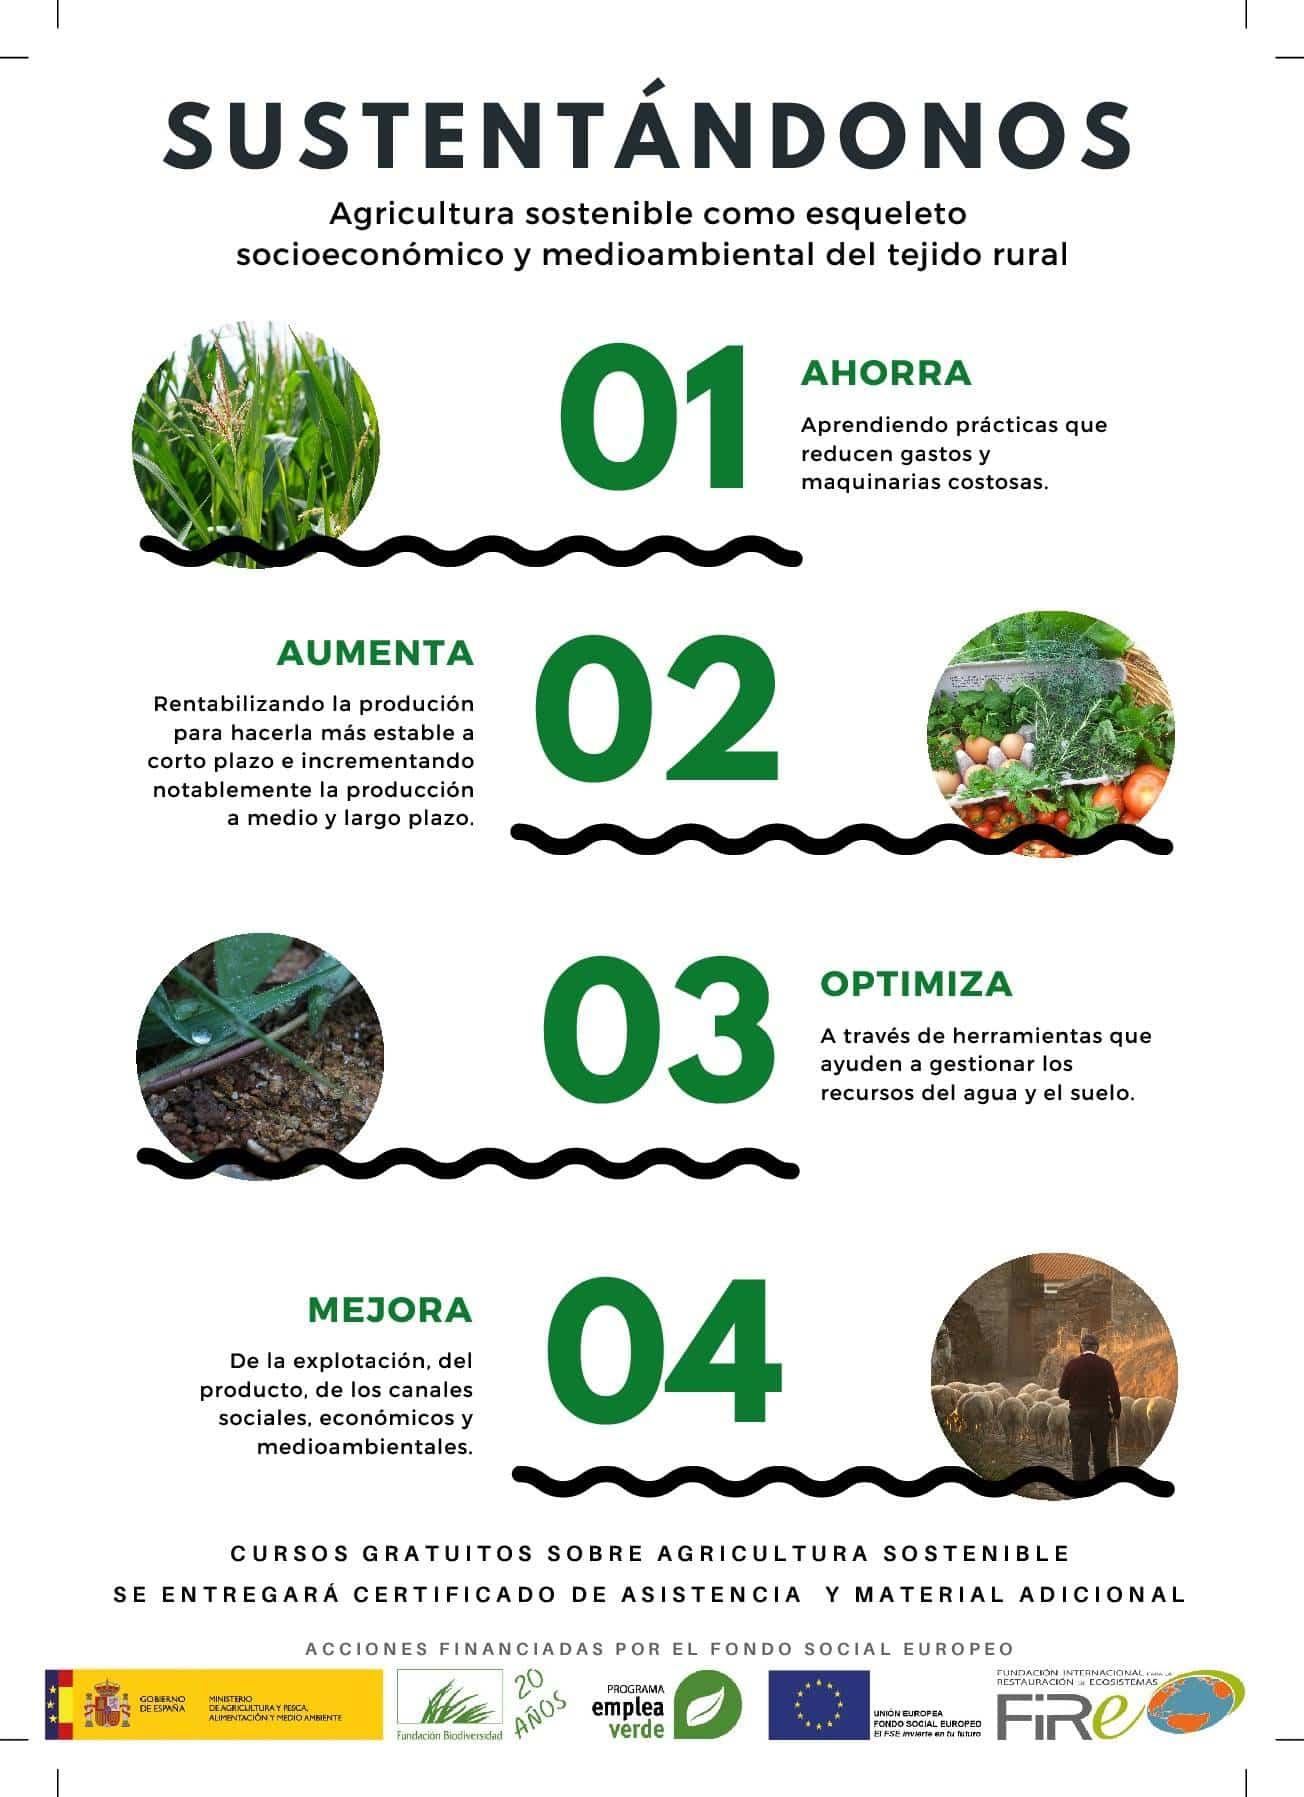 agricultura sostenible herencia 2 - Cursos gratuitos sobre agricultura sostenible en Herencia